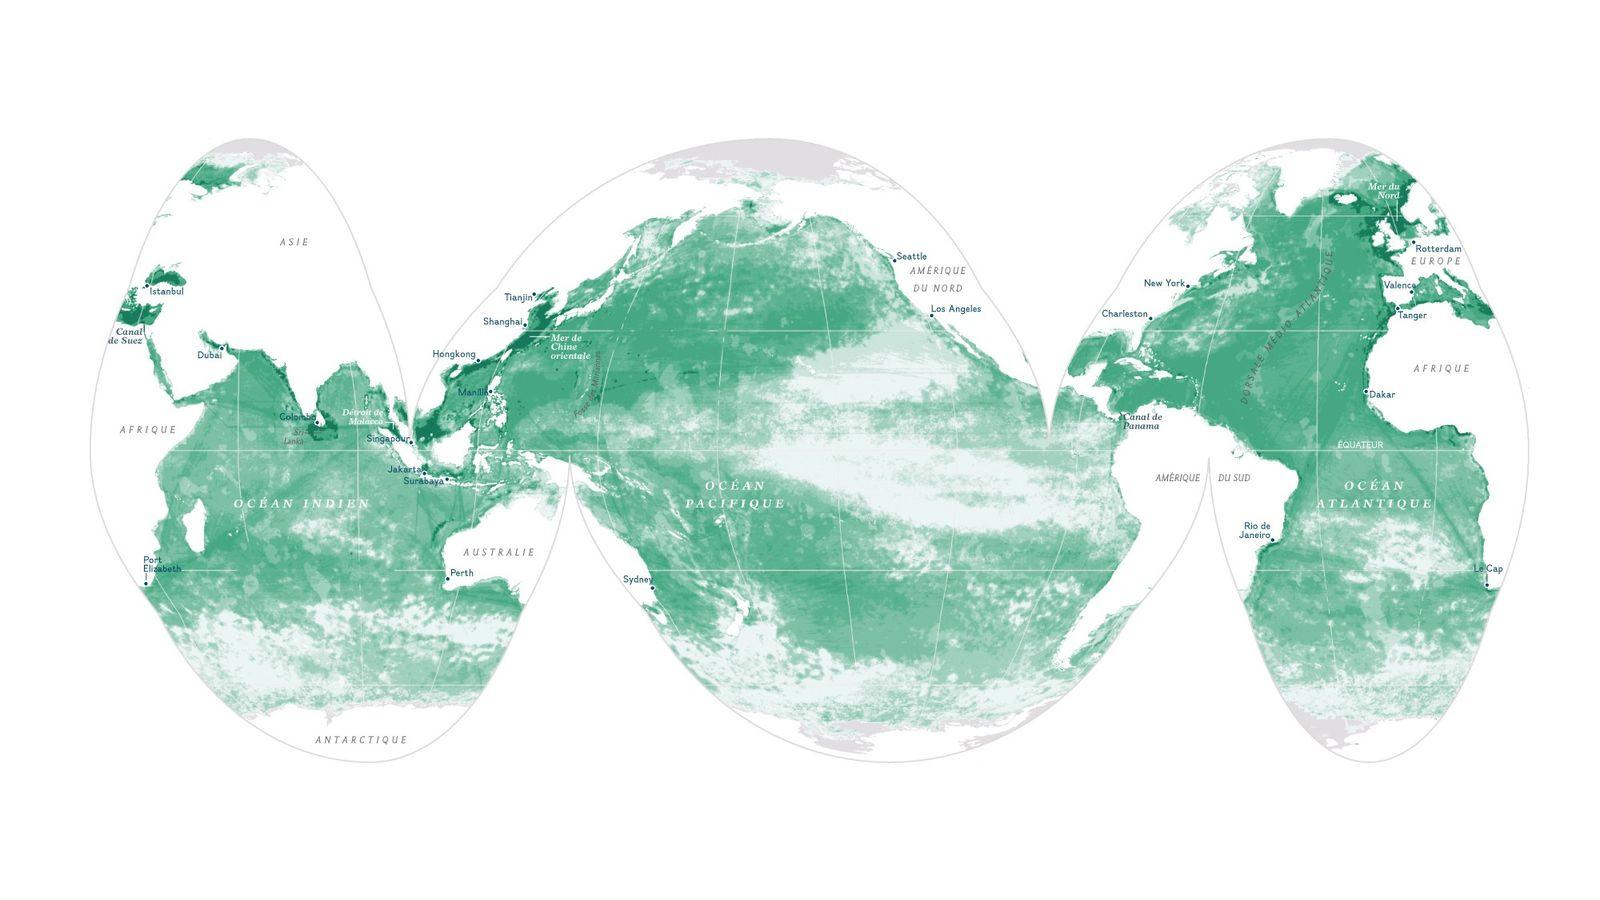 Le dégradé de vert correspond à l'impact de l'influence humaine sur l'océan. Les zones les plus ...